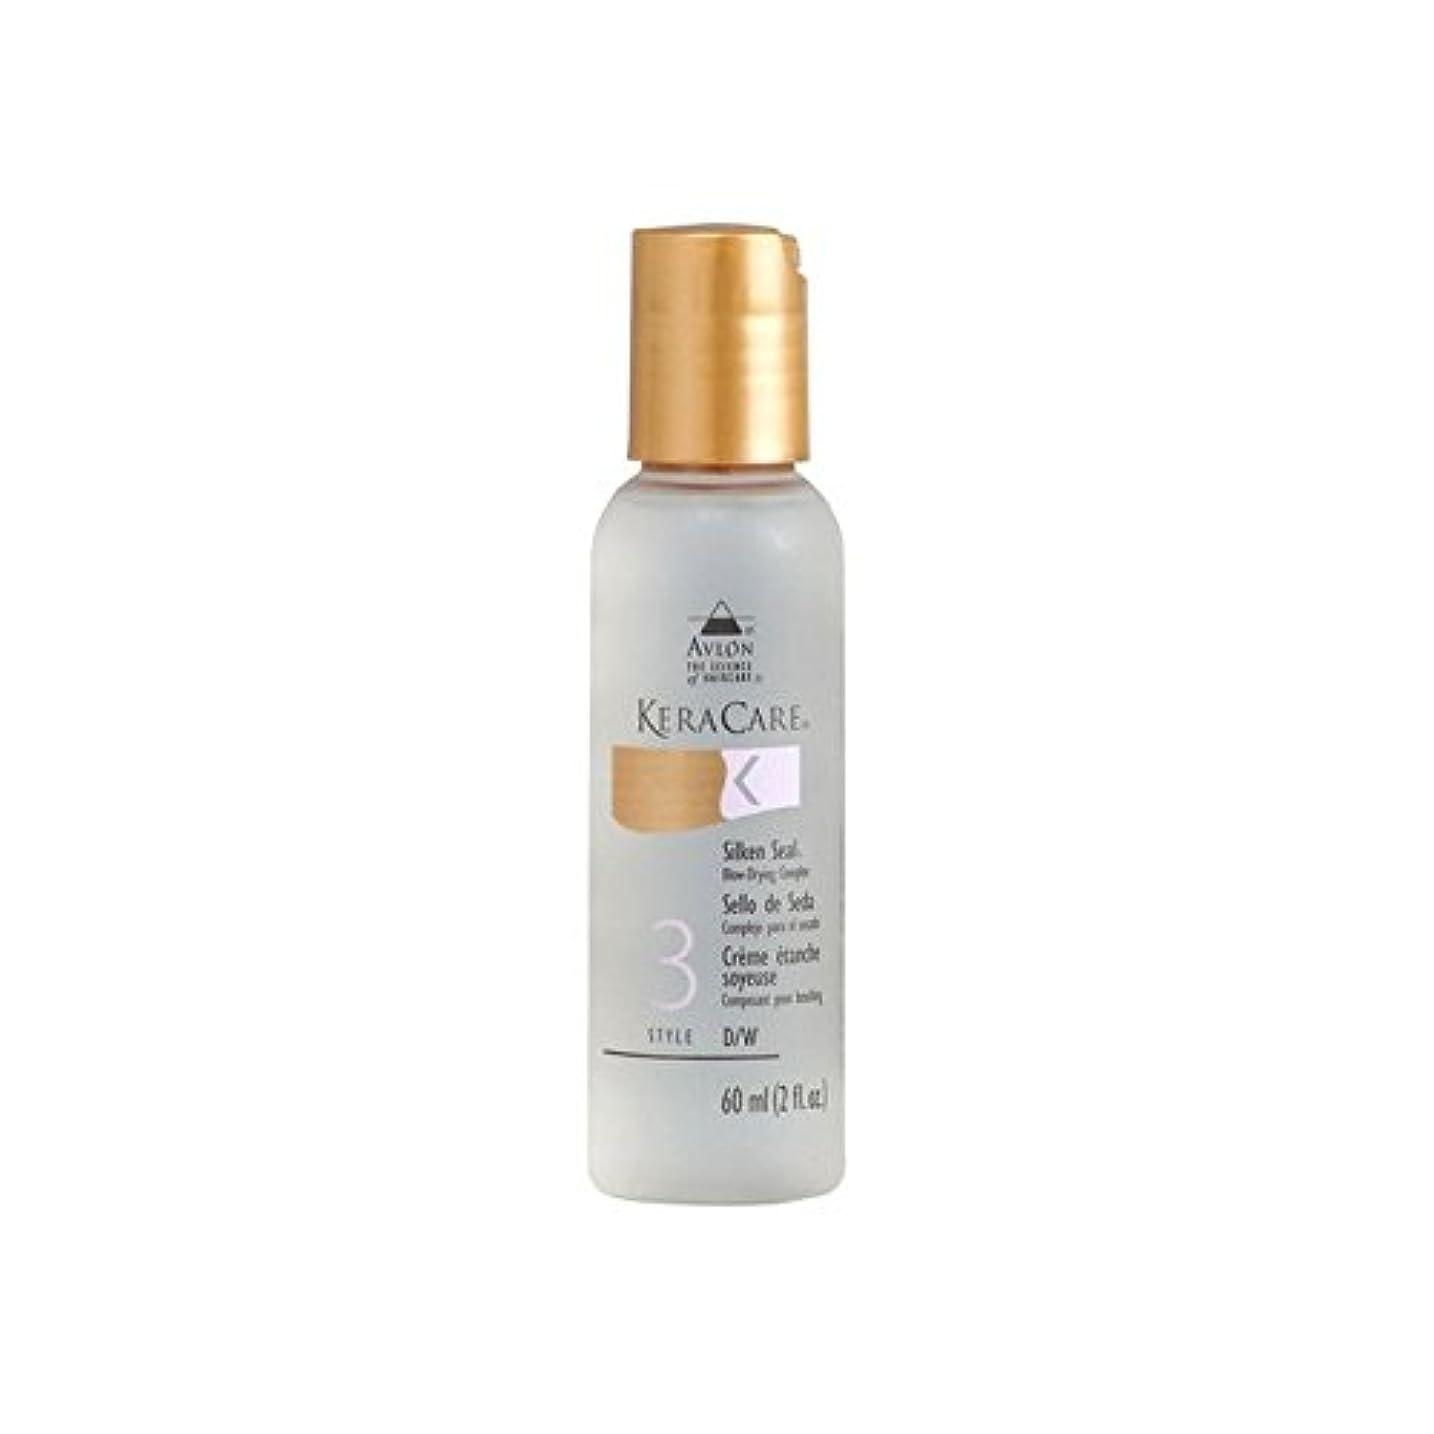 残高慣れるパースブラックボロウ絹シール(送風乾燥)(2オンス) x4 - Keracare Silken Seal (Blow Drying) (2Oz) (Pack of 4) [並行輸入品]